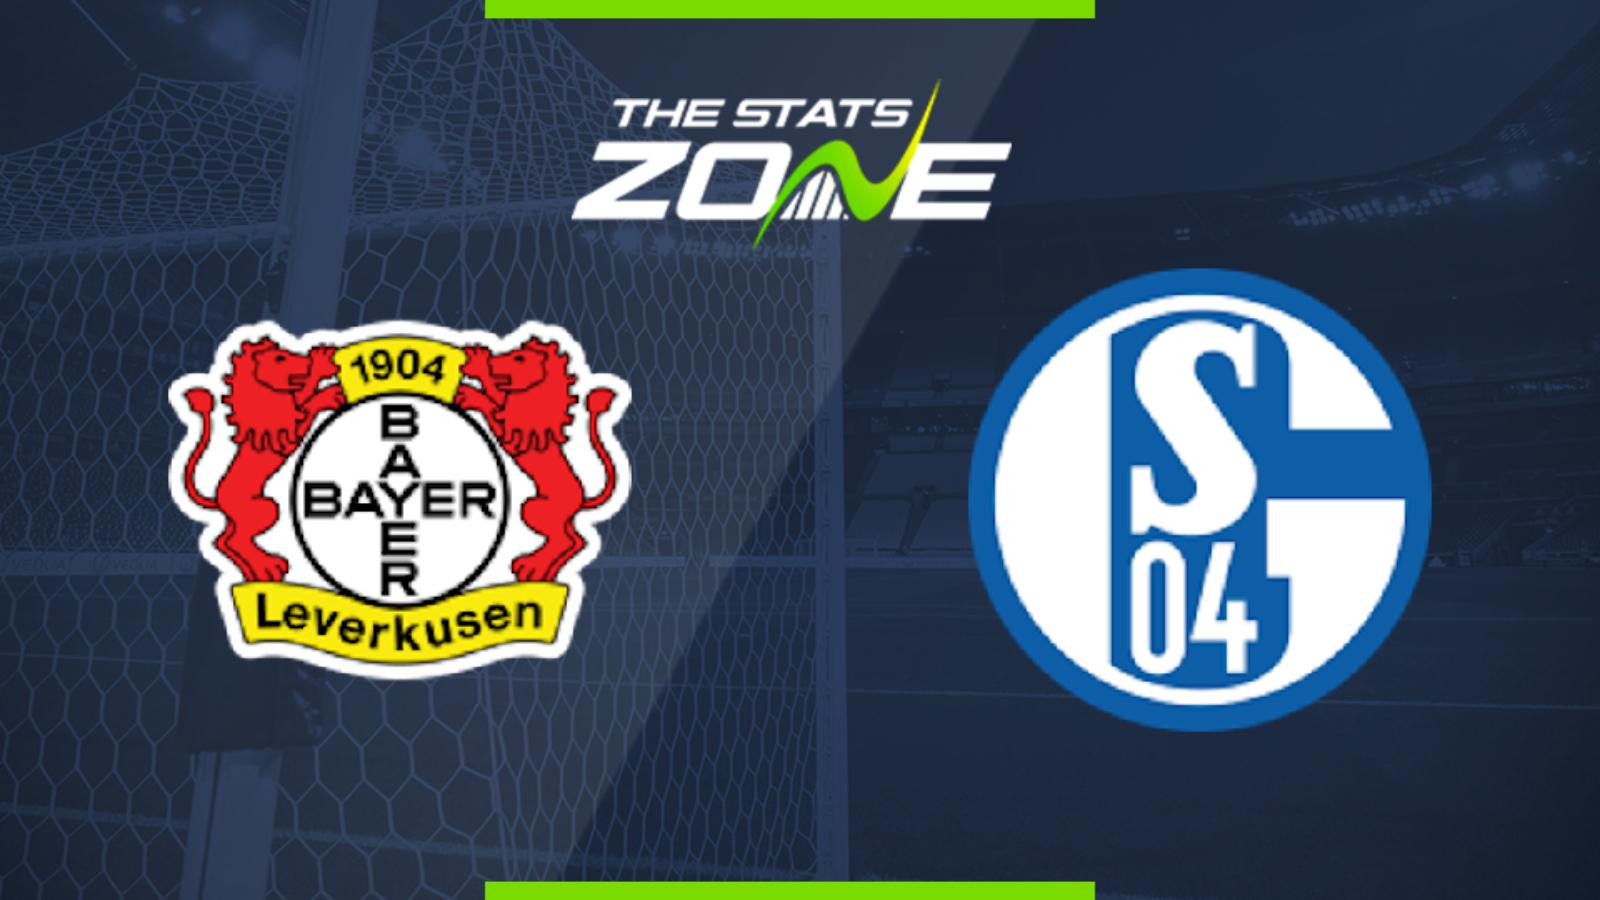 Leverkusen vs schalke betting tips kleinbettingen code postal